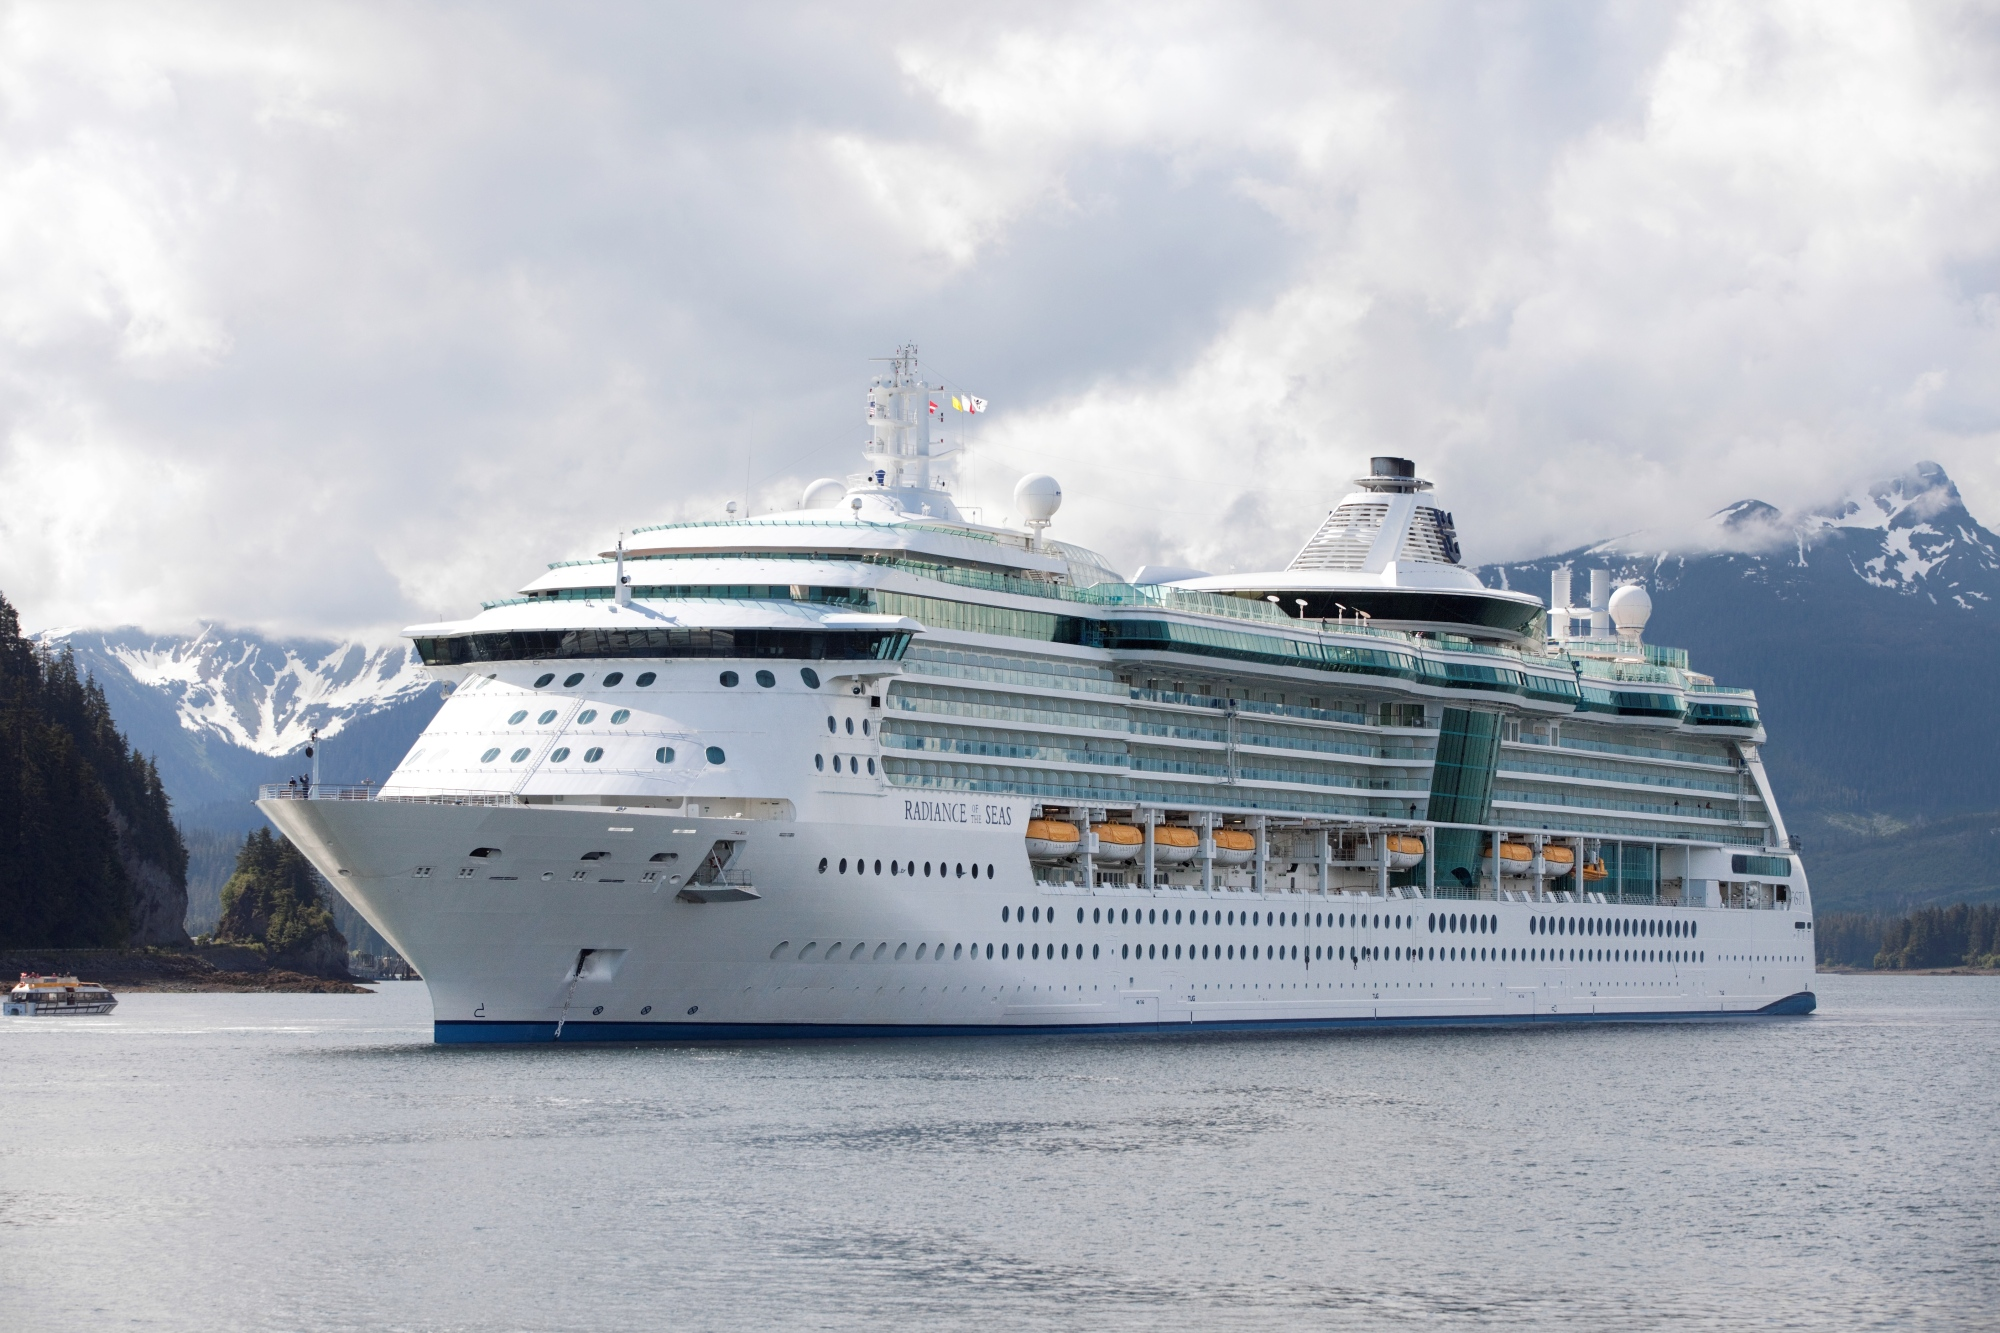 Rccl Alaska Cruise Tours